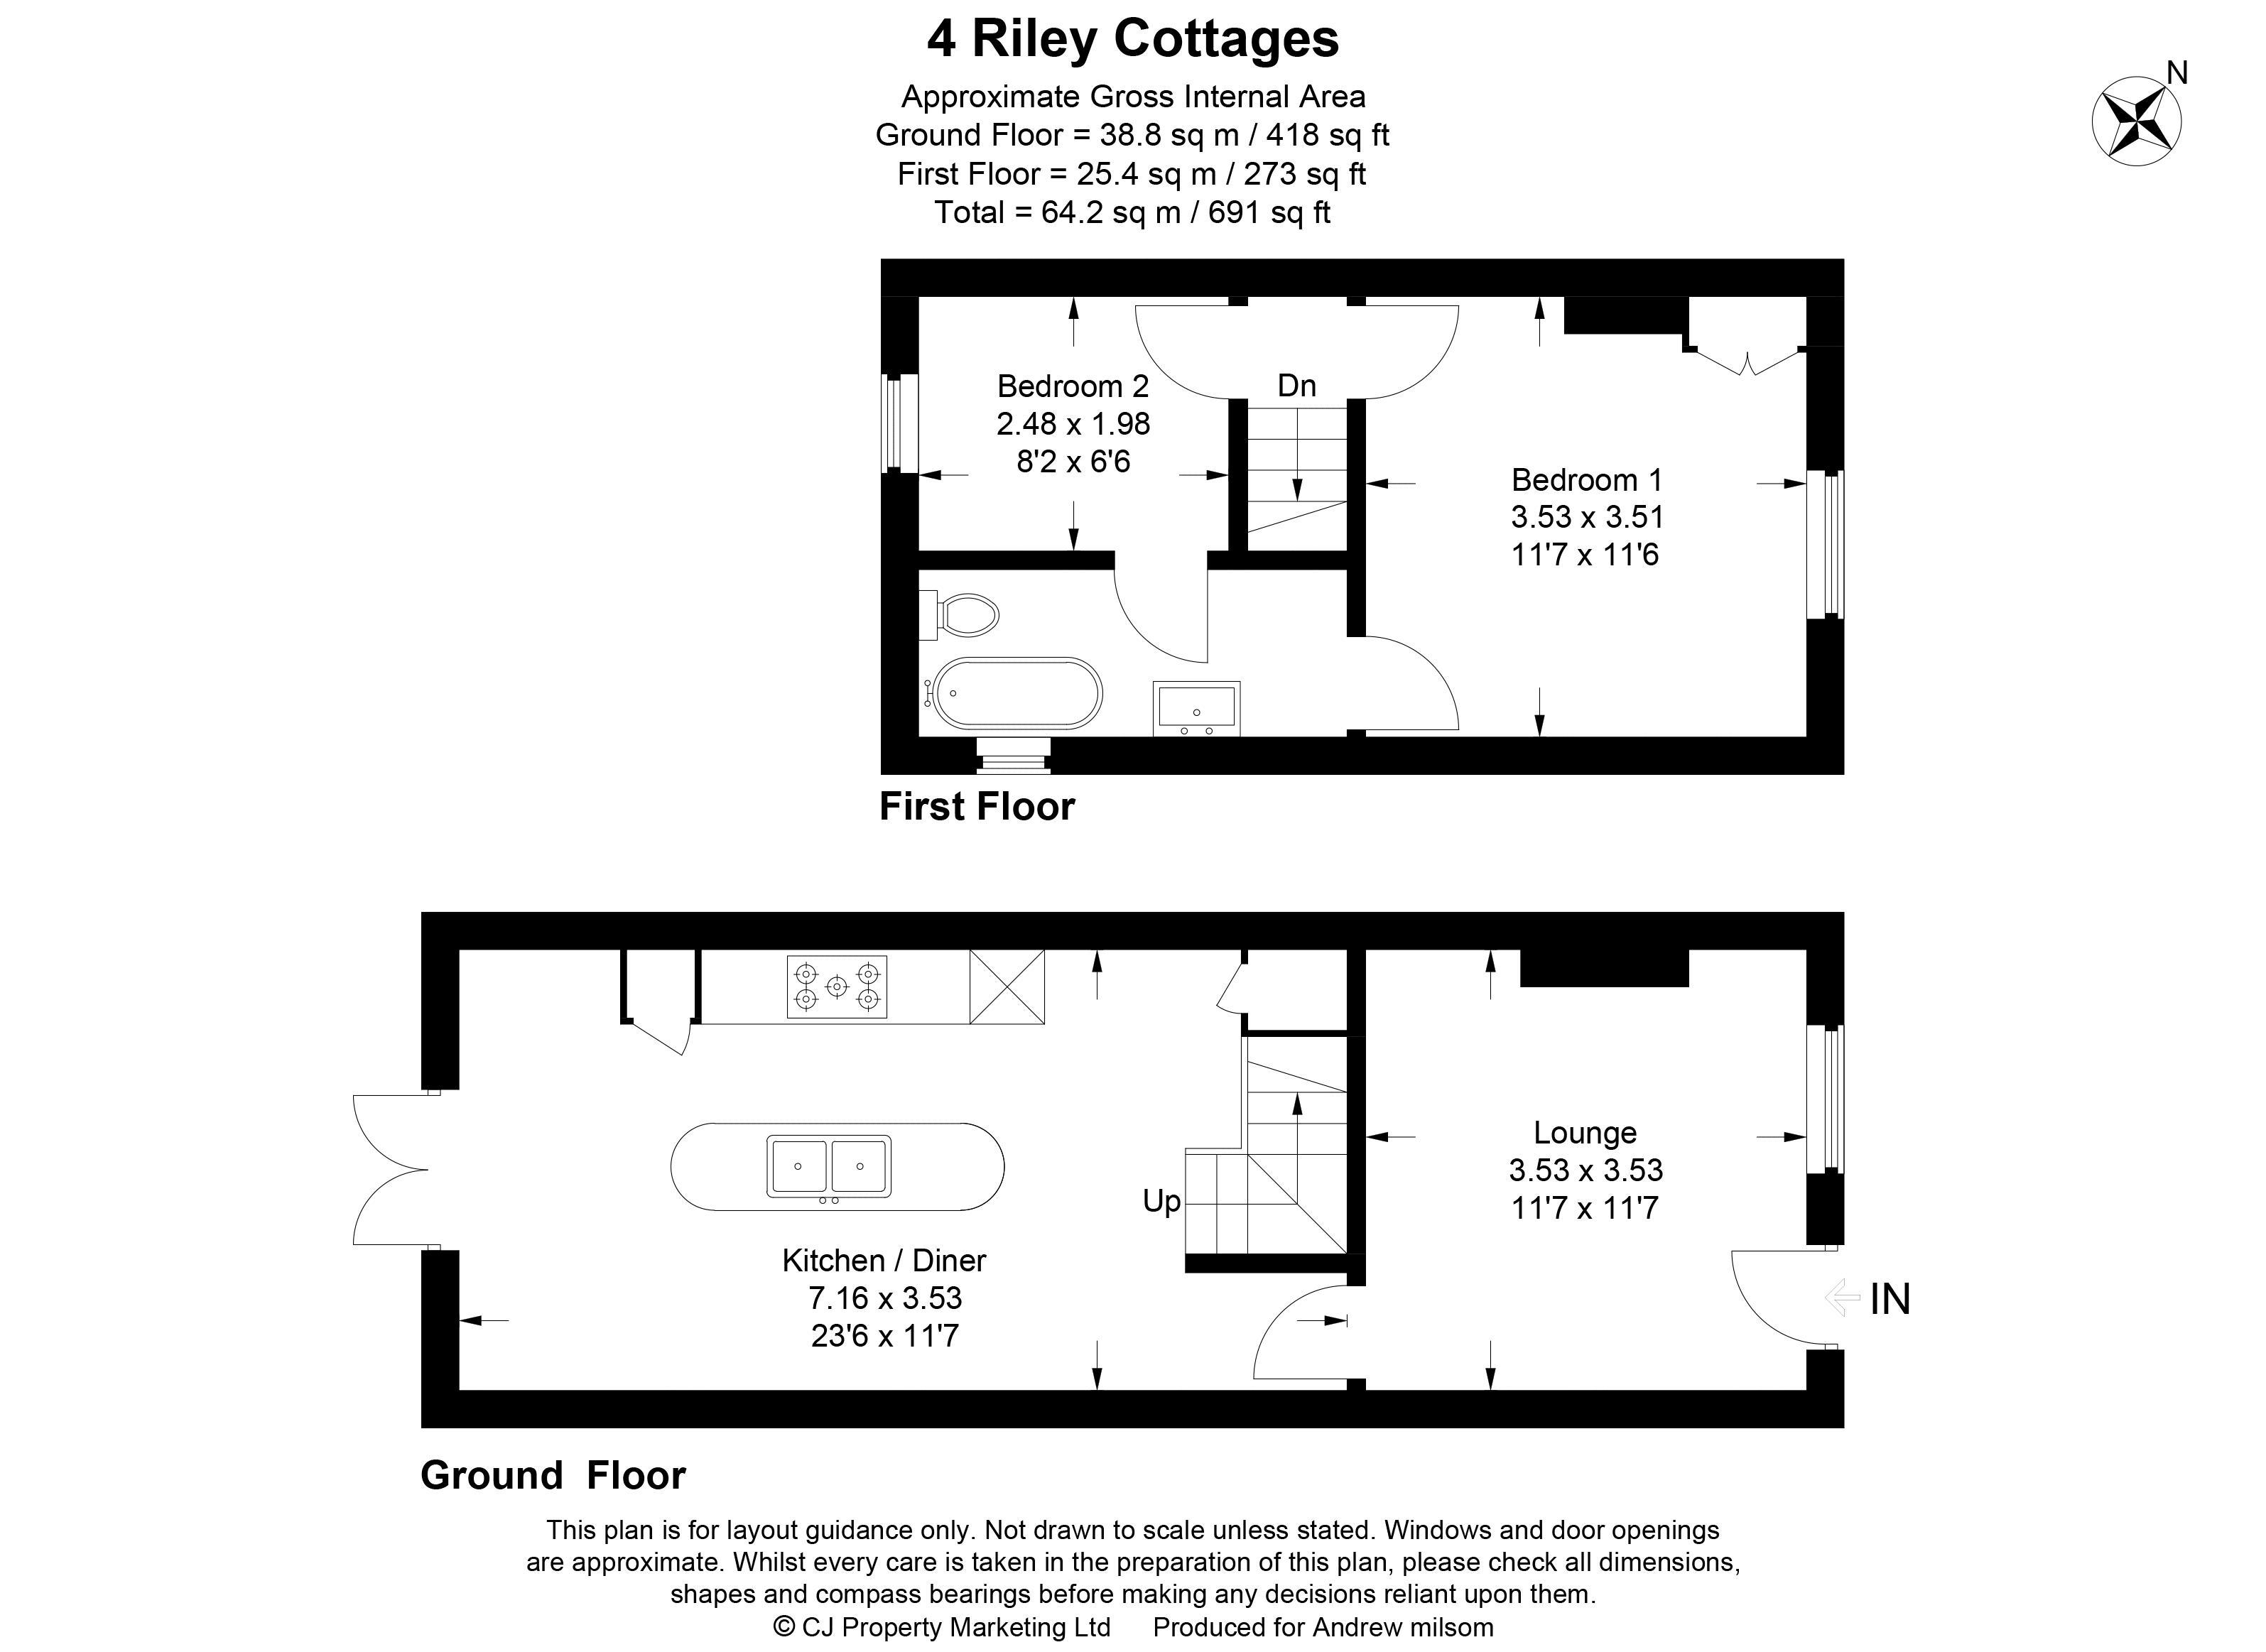 Riley Cottages